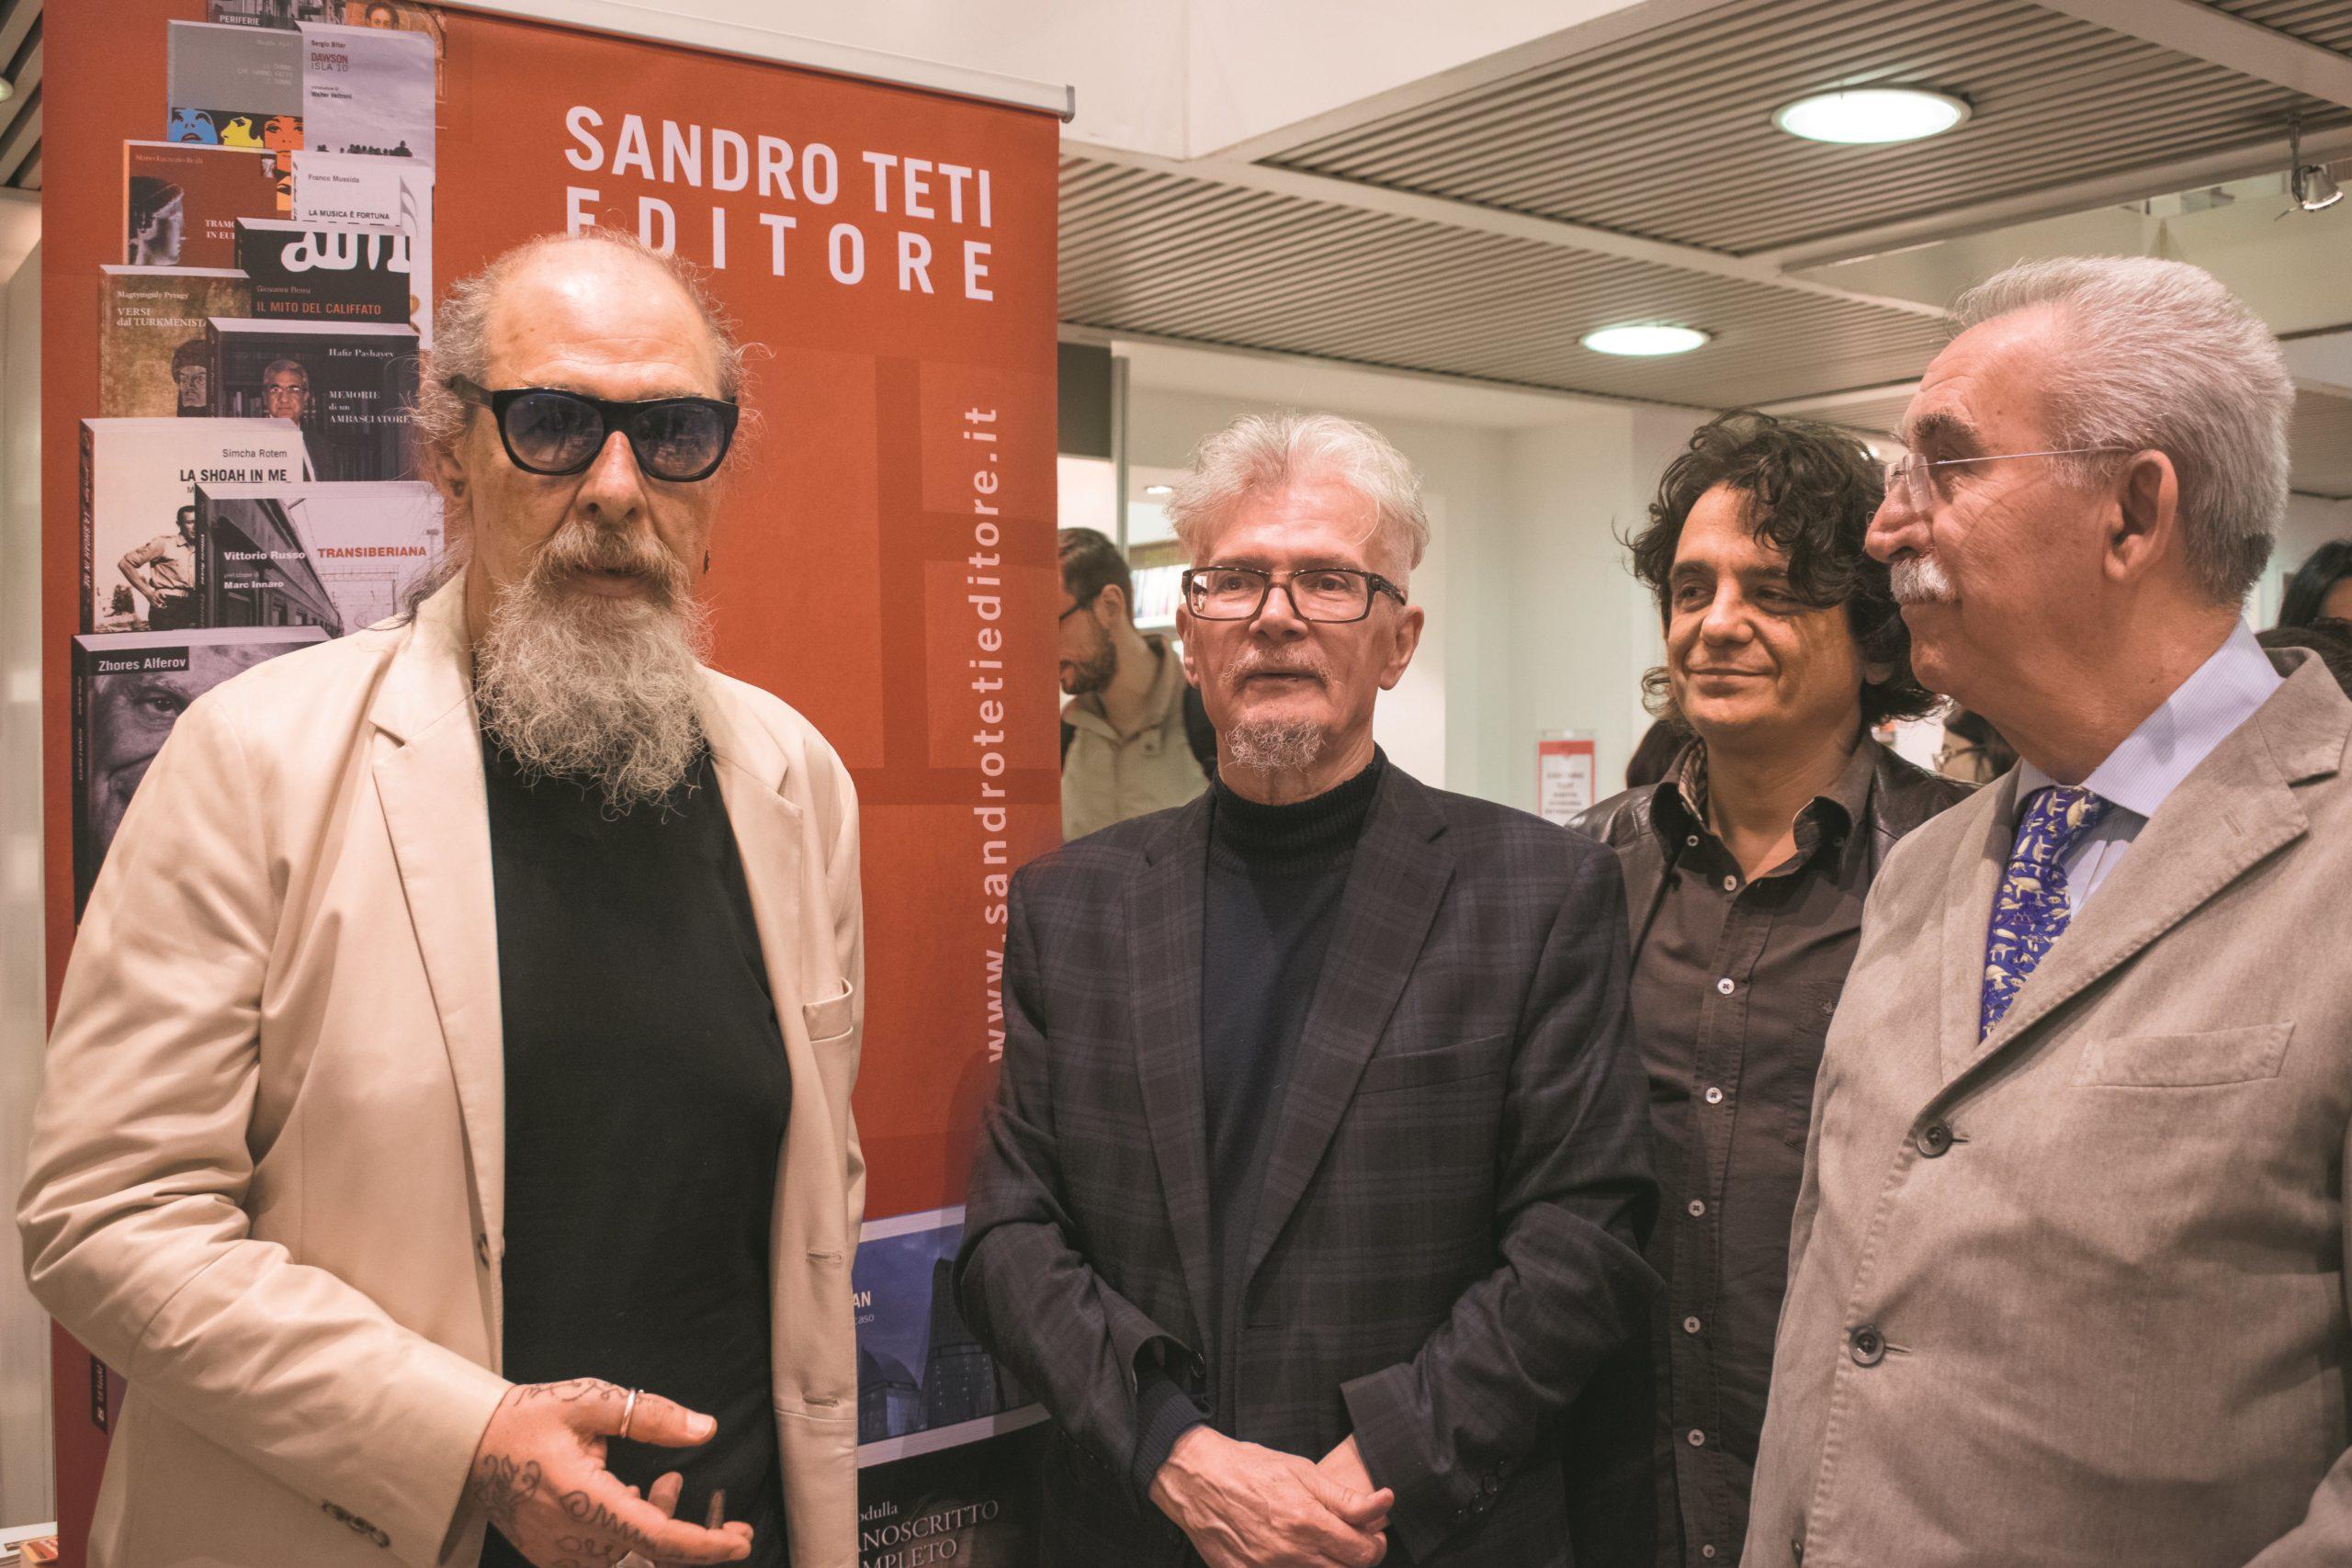 """Presentazione del libro di Eduard Limonov """"Zona industriale"""" presso IBS+Libraccio a Roma. Da sinistra: Roberto D'Agostino; Eduard Limonov; l'editore Sandro Teti e Giulietto Chiesa."""